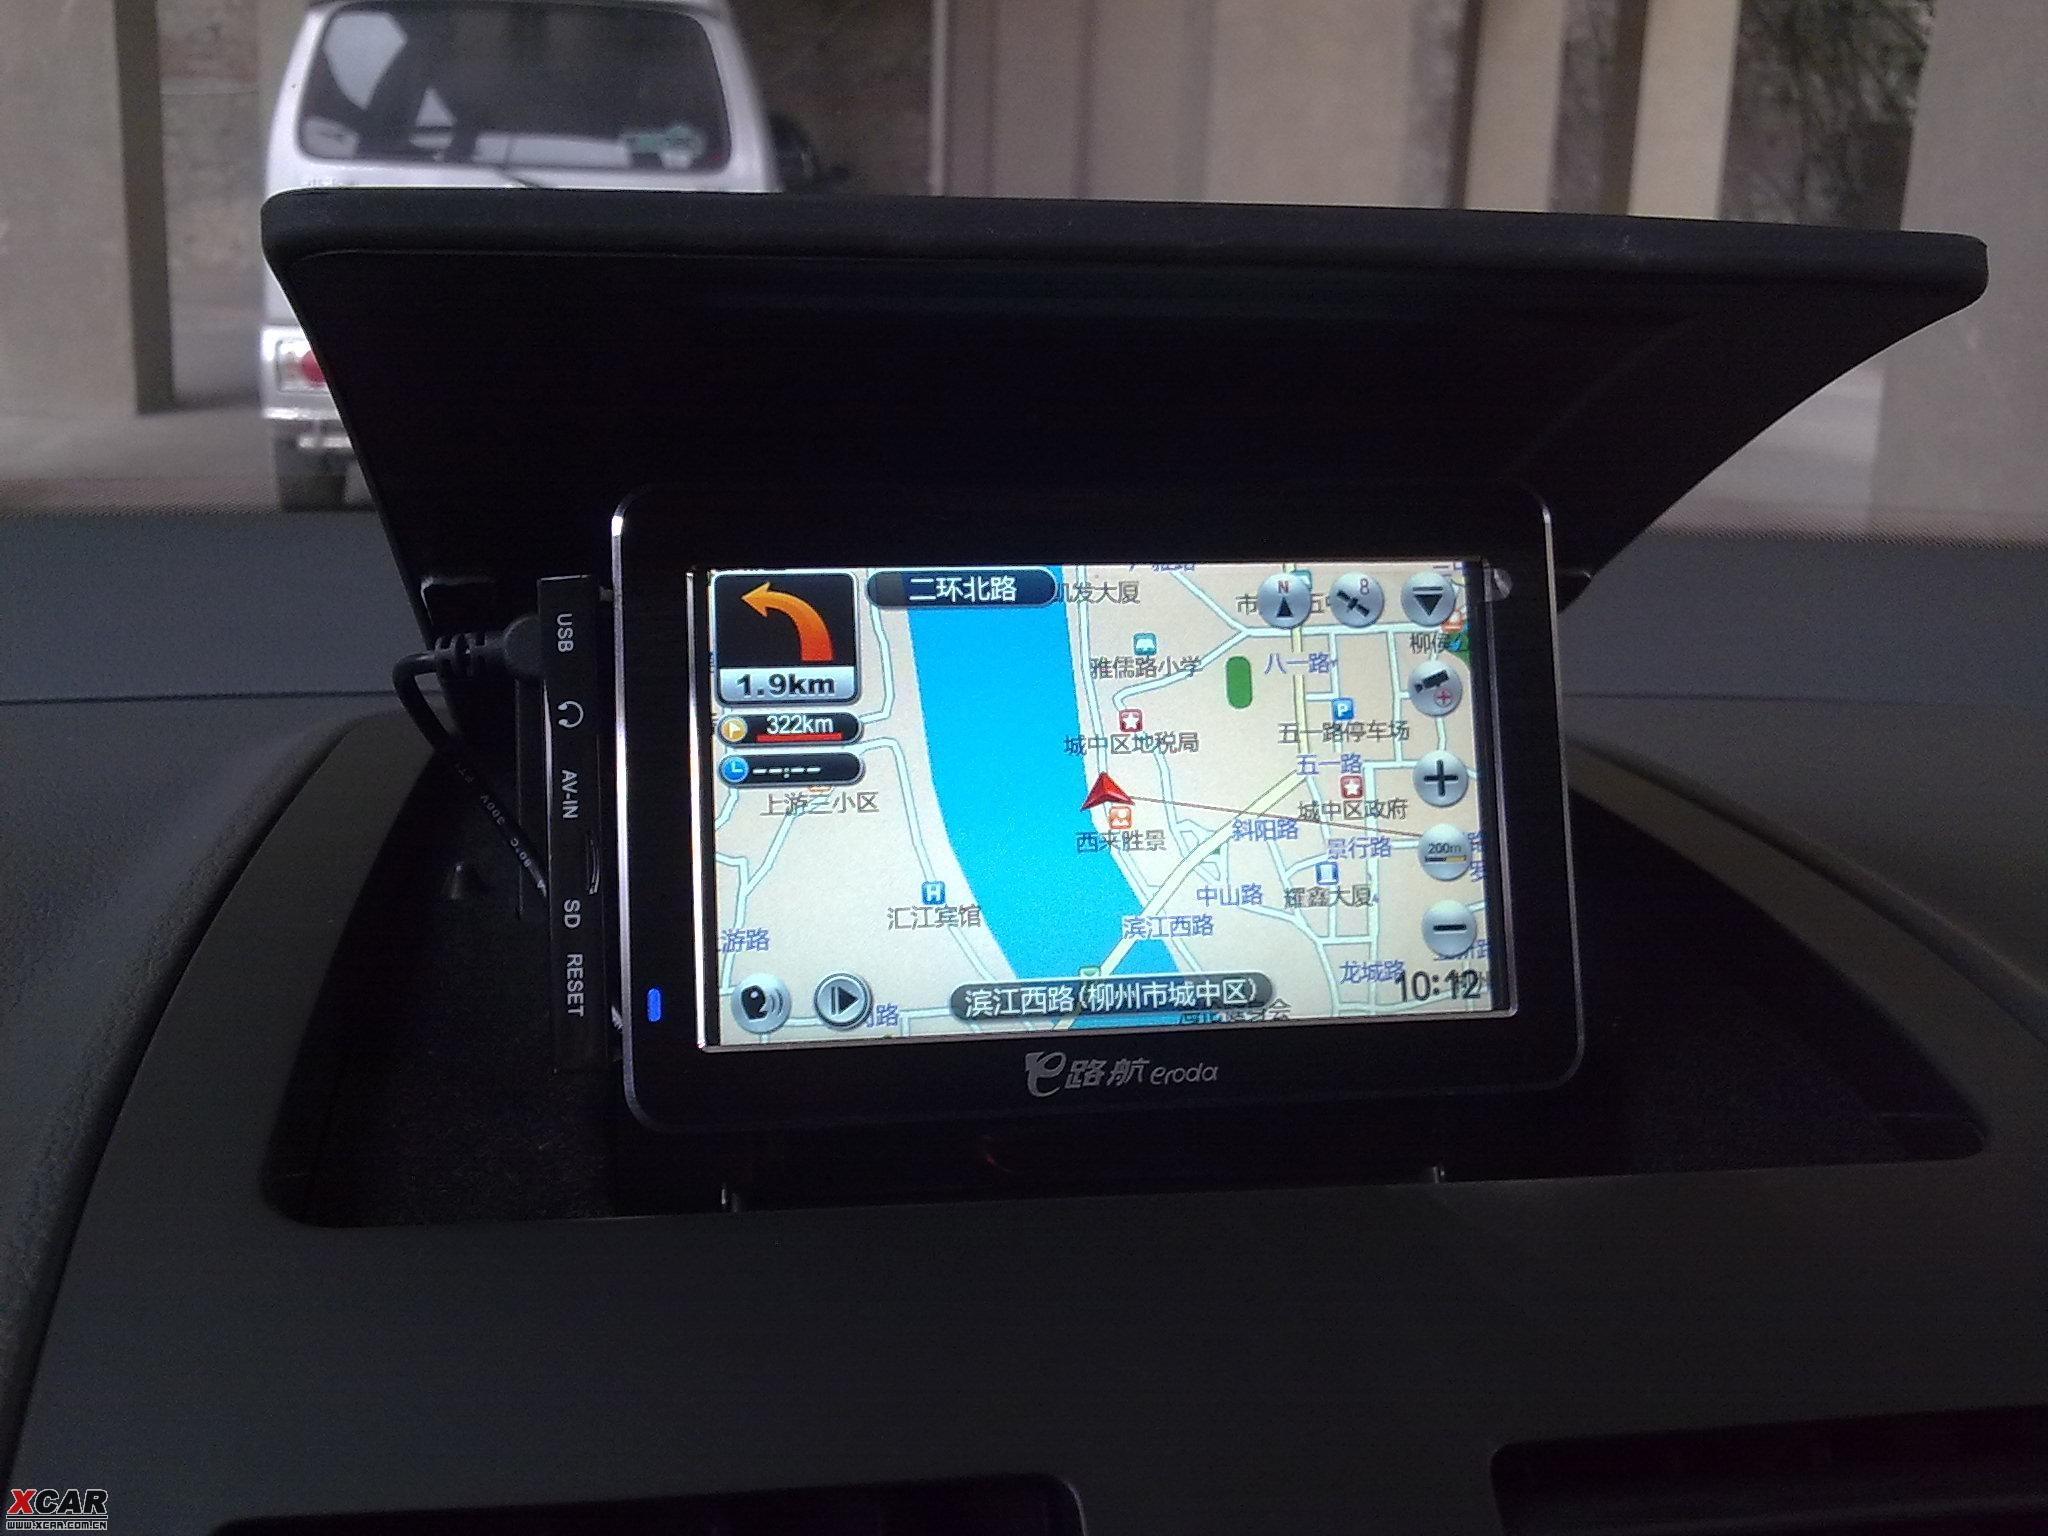 原装位 便携式gps的安装 途安论坛 xcar 爱卡汽车俱乐部高清图片